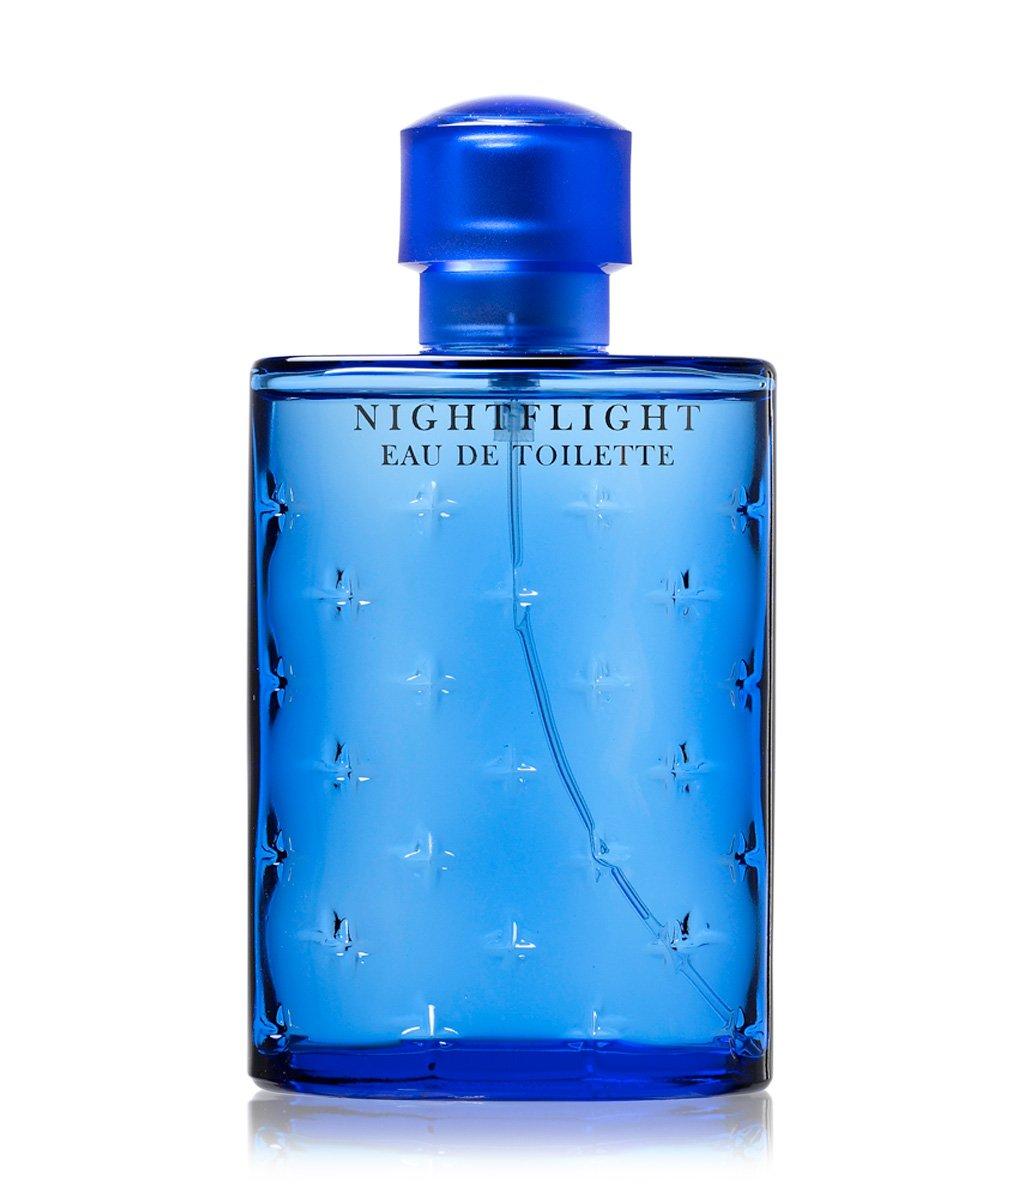 joop nightflight parfum online bestellen flaconi. Black Bedroom Furniture Sets. Home Design Ideas